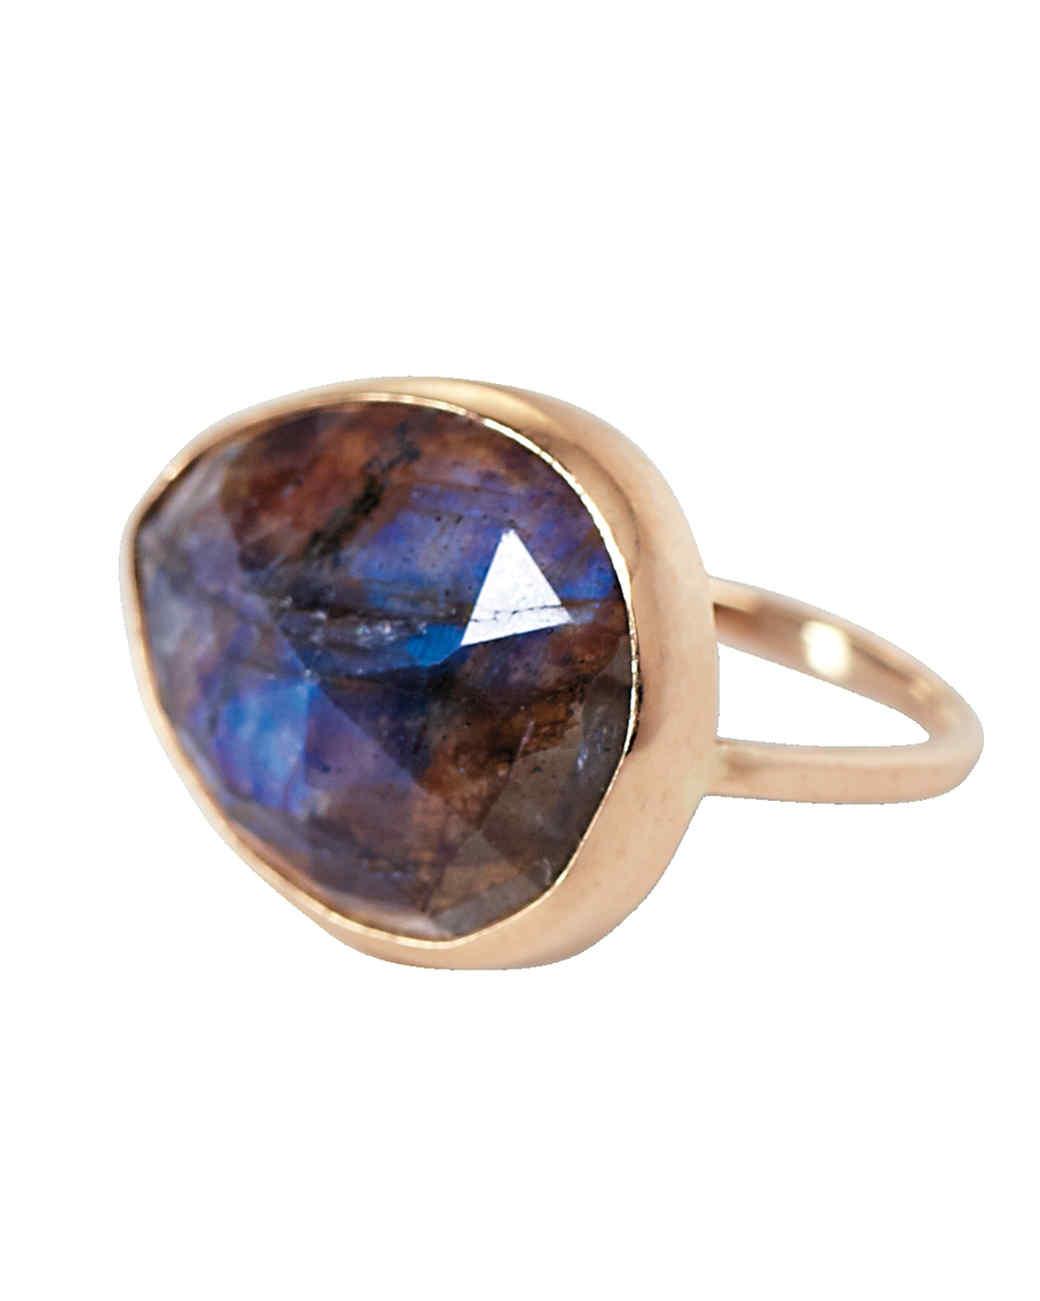 ring-065-mld110571.jpg